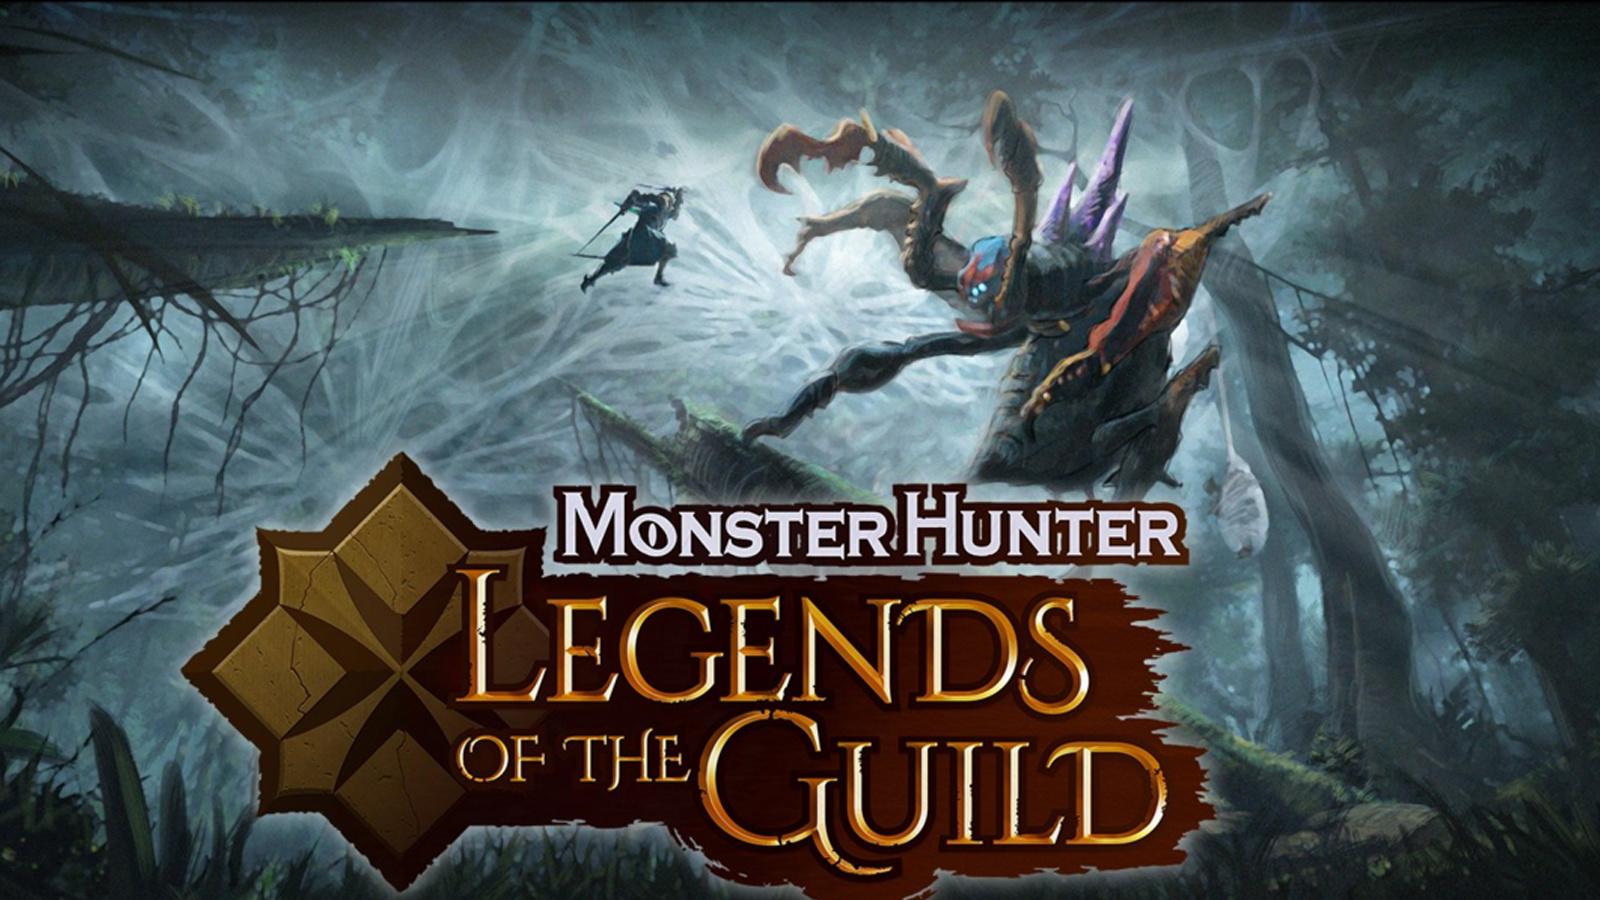 《怪物獵人》將推出3D動畫《怪物獵人:公會傳奇》